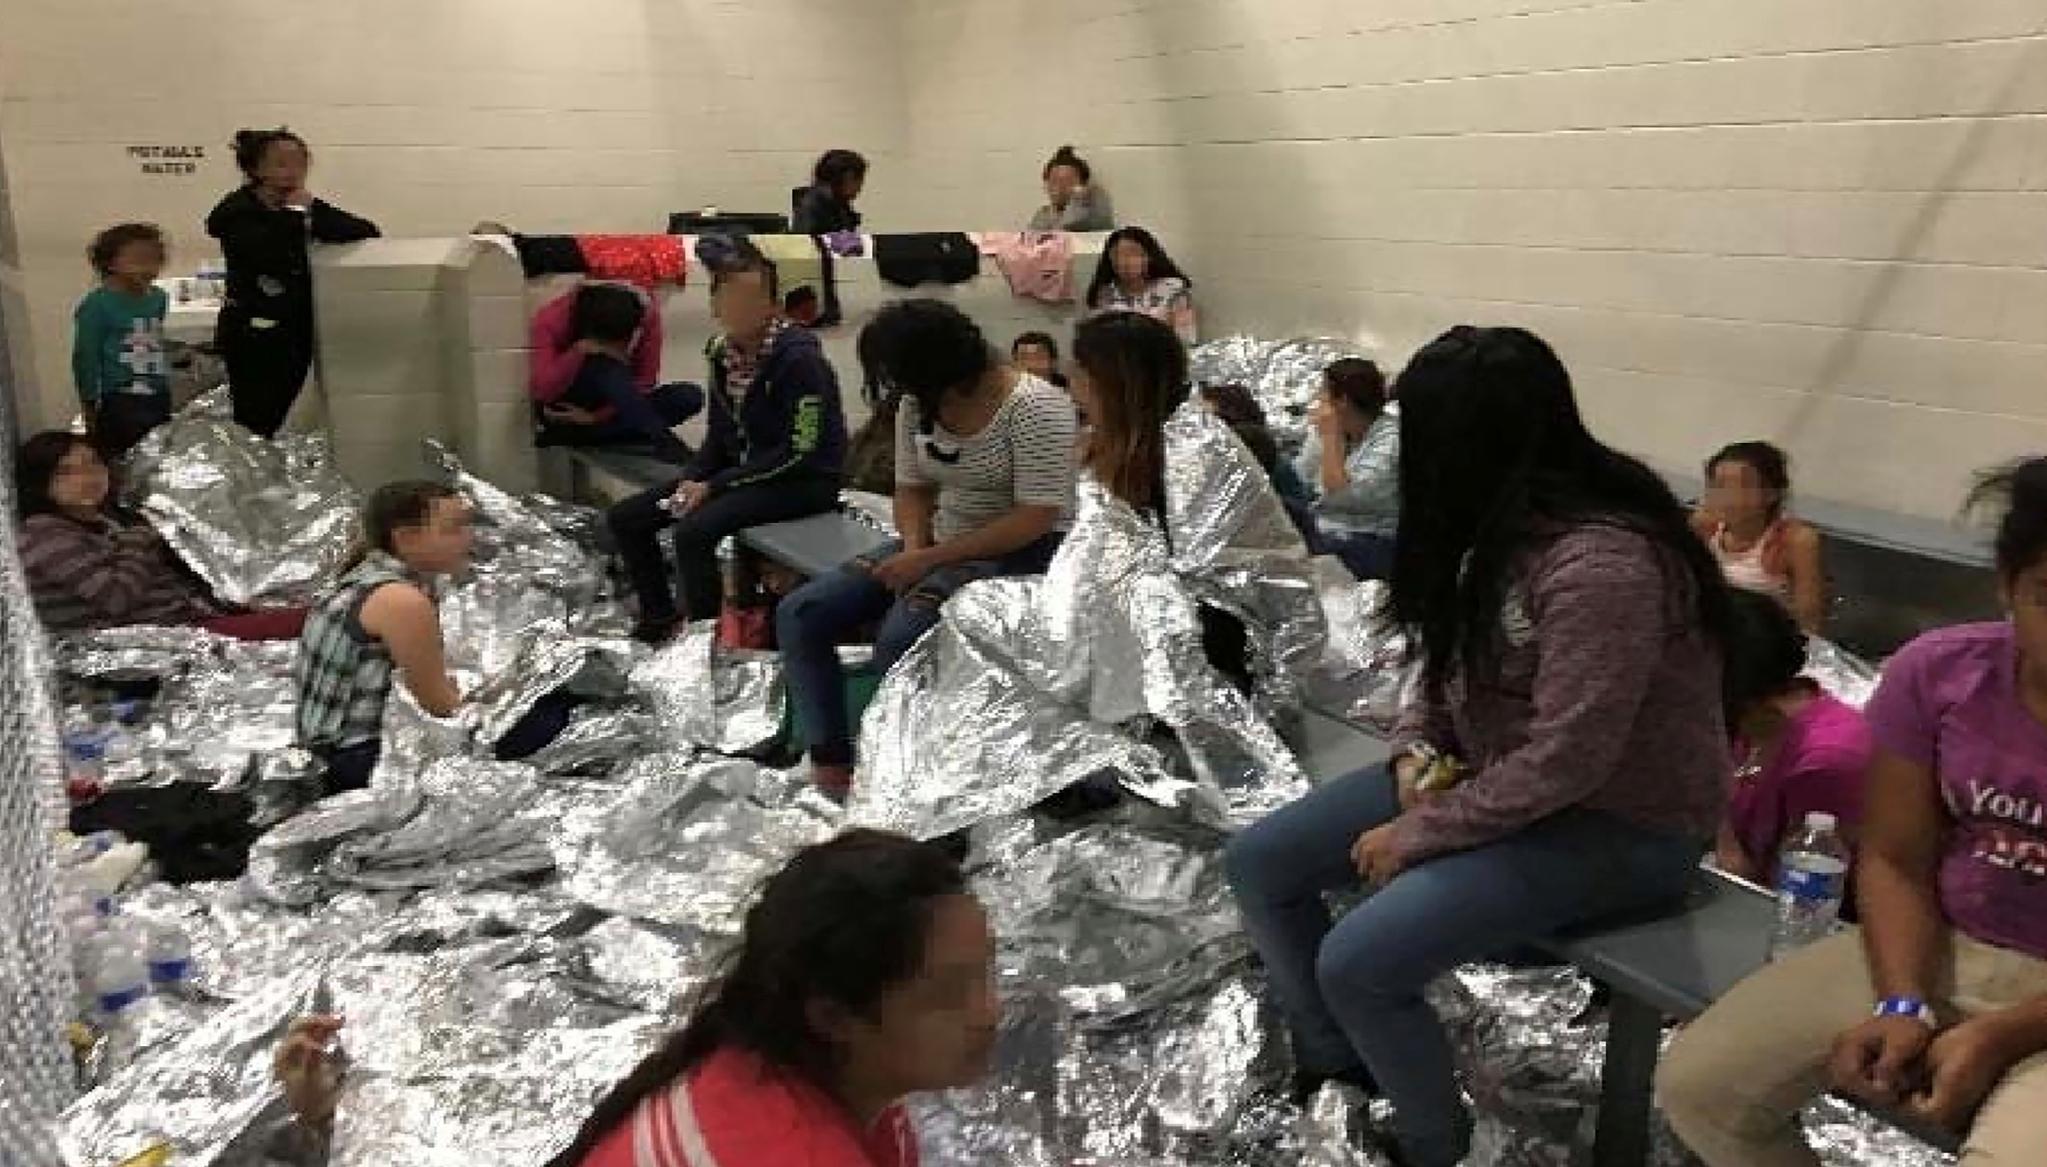 지난 6월 11일 맥칼렌의 구금시설에서 시민들이 은박담요를 덥고 휴식을 취하고 있다. 대부분의 이민자들이 무기력하고 지쳐보인다. [로이터=연합뉴스]